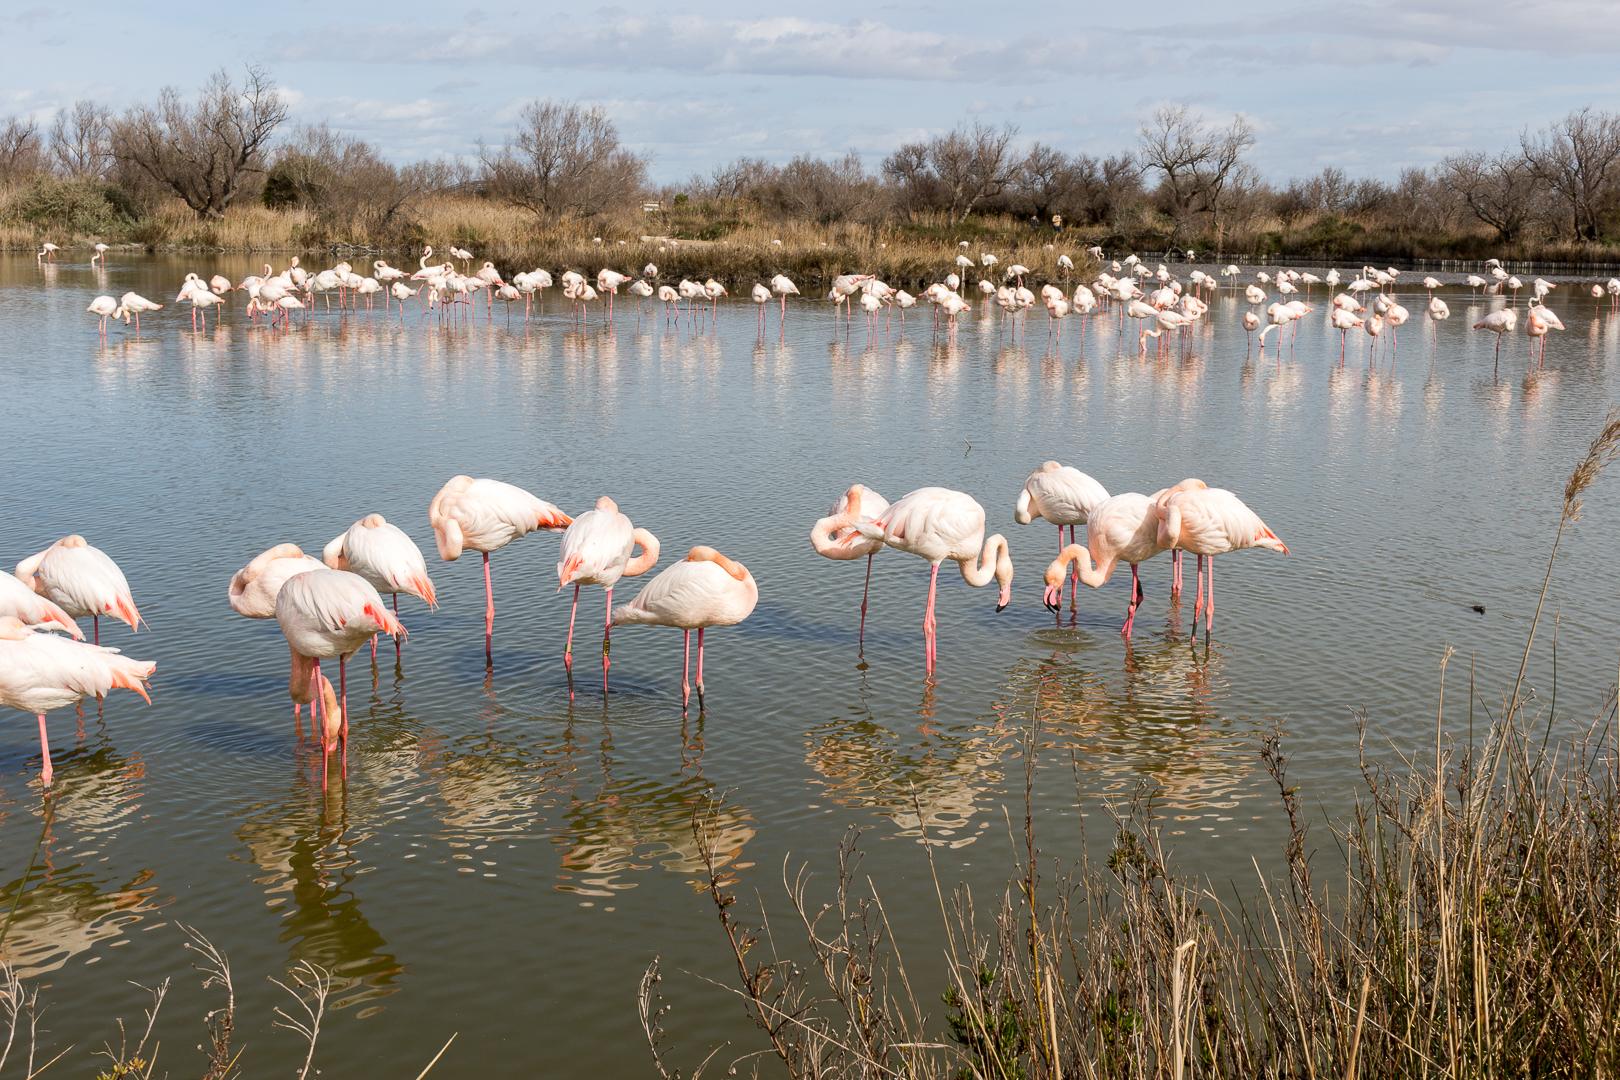 Flamants roses au Parc ornithologique de Pont-de-Gau Camargue